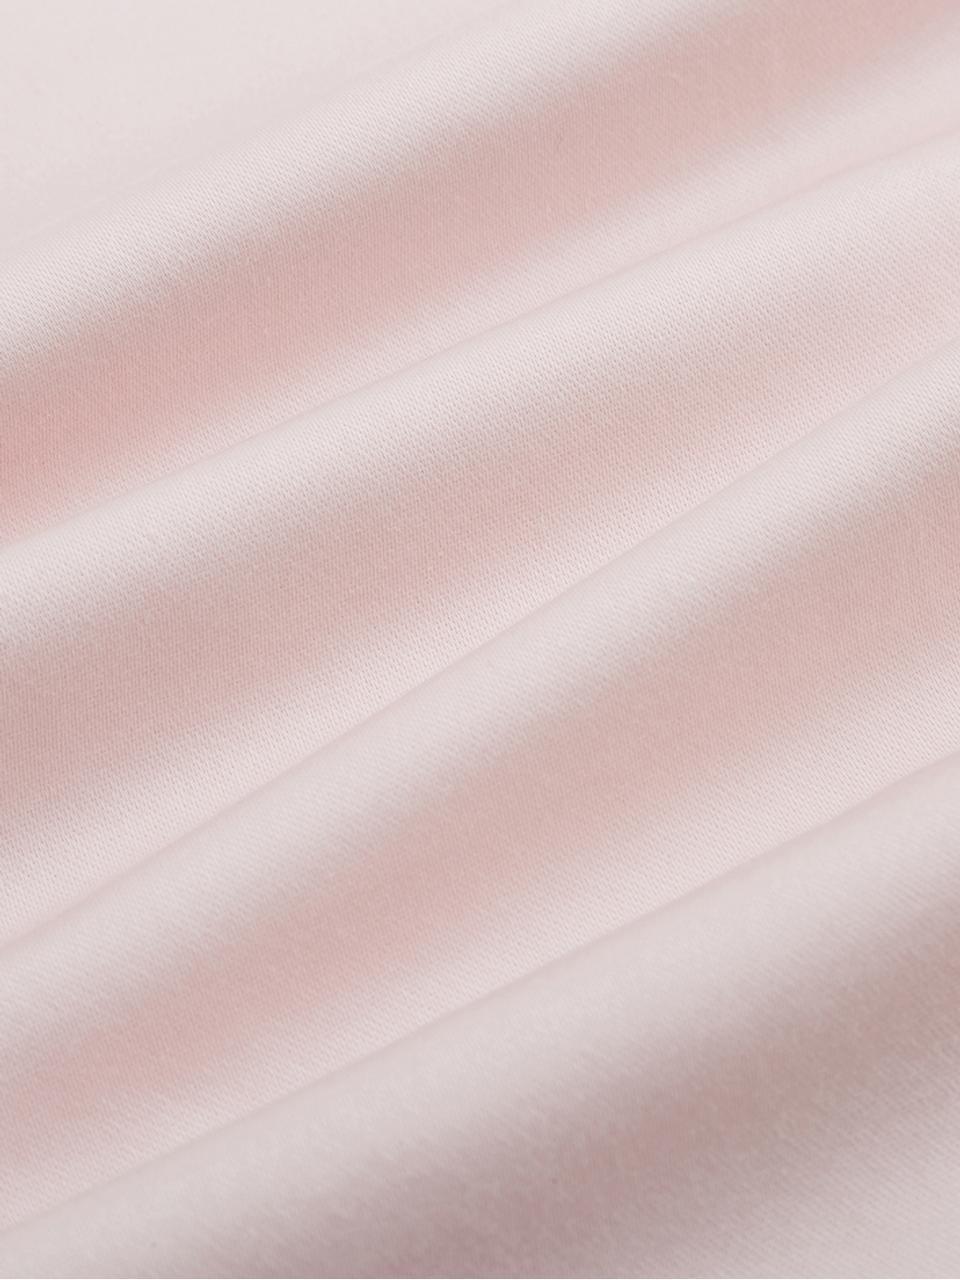 Katoensatijnen dekbedovertrek Premium in roze met bies, Weeftechniek: satijn, licht glanzend, Roze, 140 x 200 cm